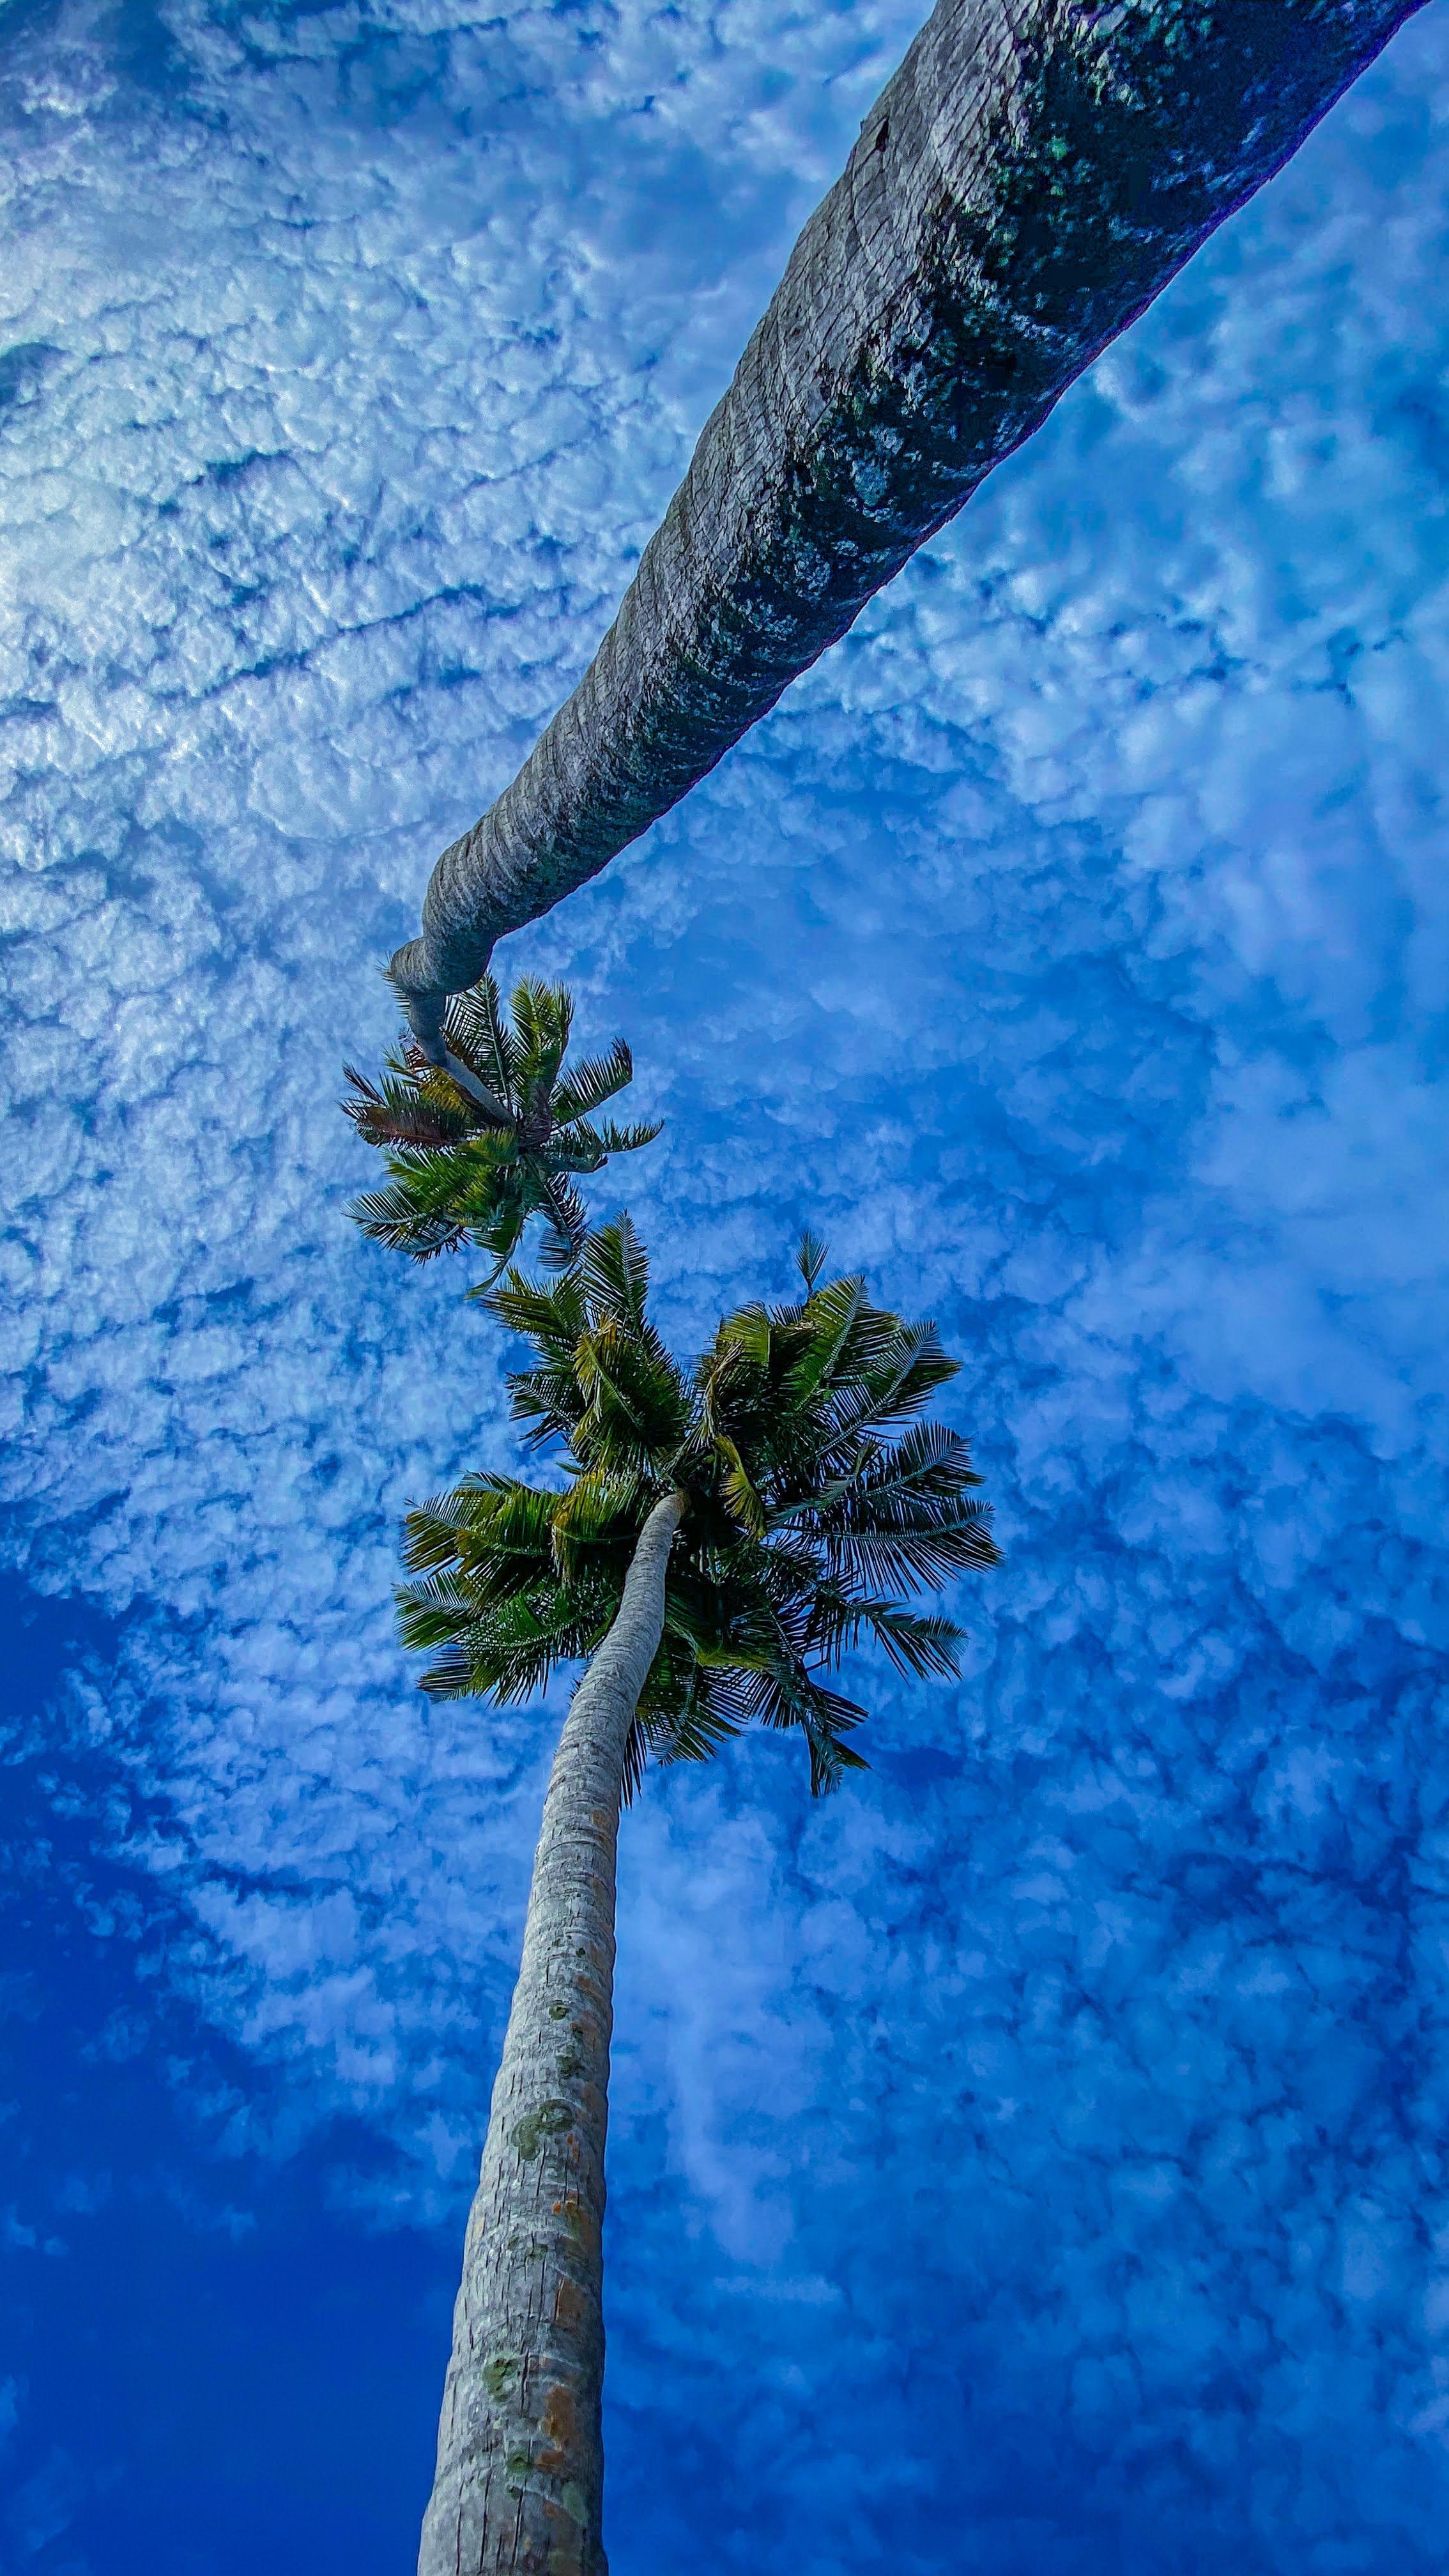 58241 Заставки и Обои Пальмы на телефон. Скачать Природа, Ветки, Небо, Вид Снизу, Пальмы картинки бесплатно